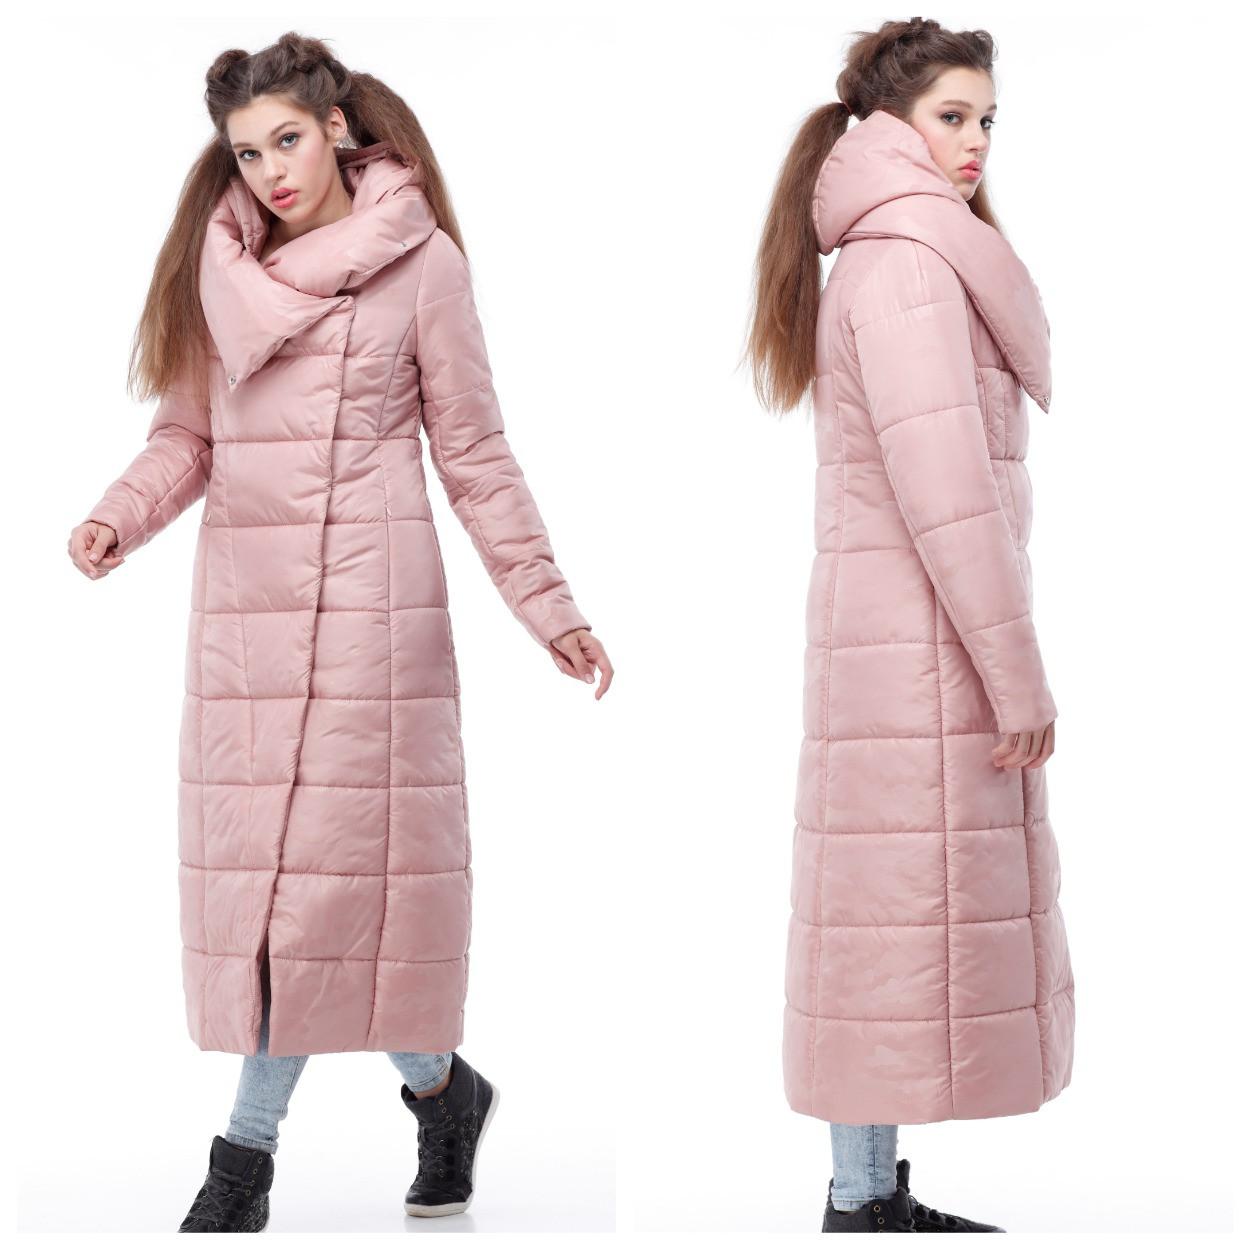 Самая модная зимняя куртка-пуховик до пяток, очень теплая размеры 42-56